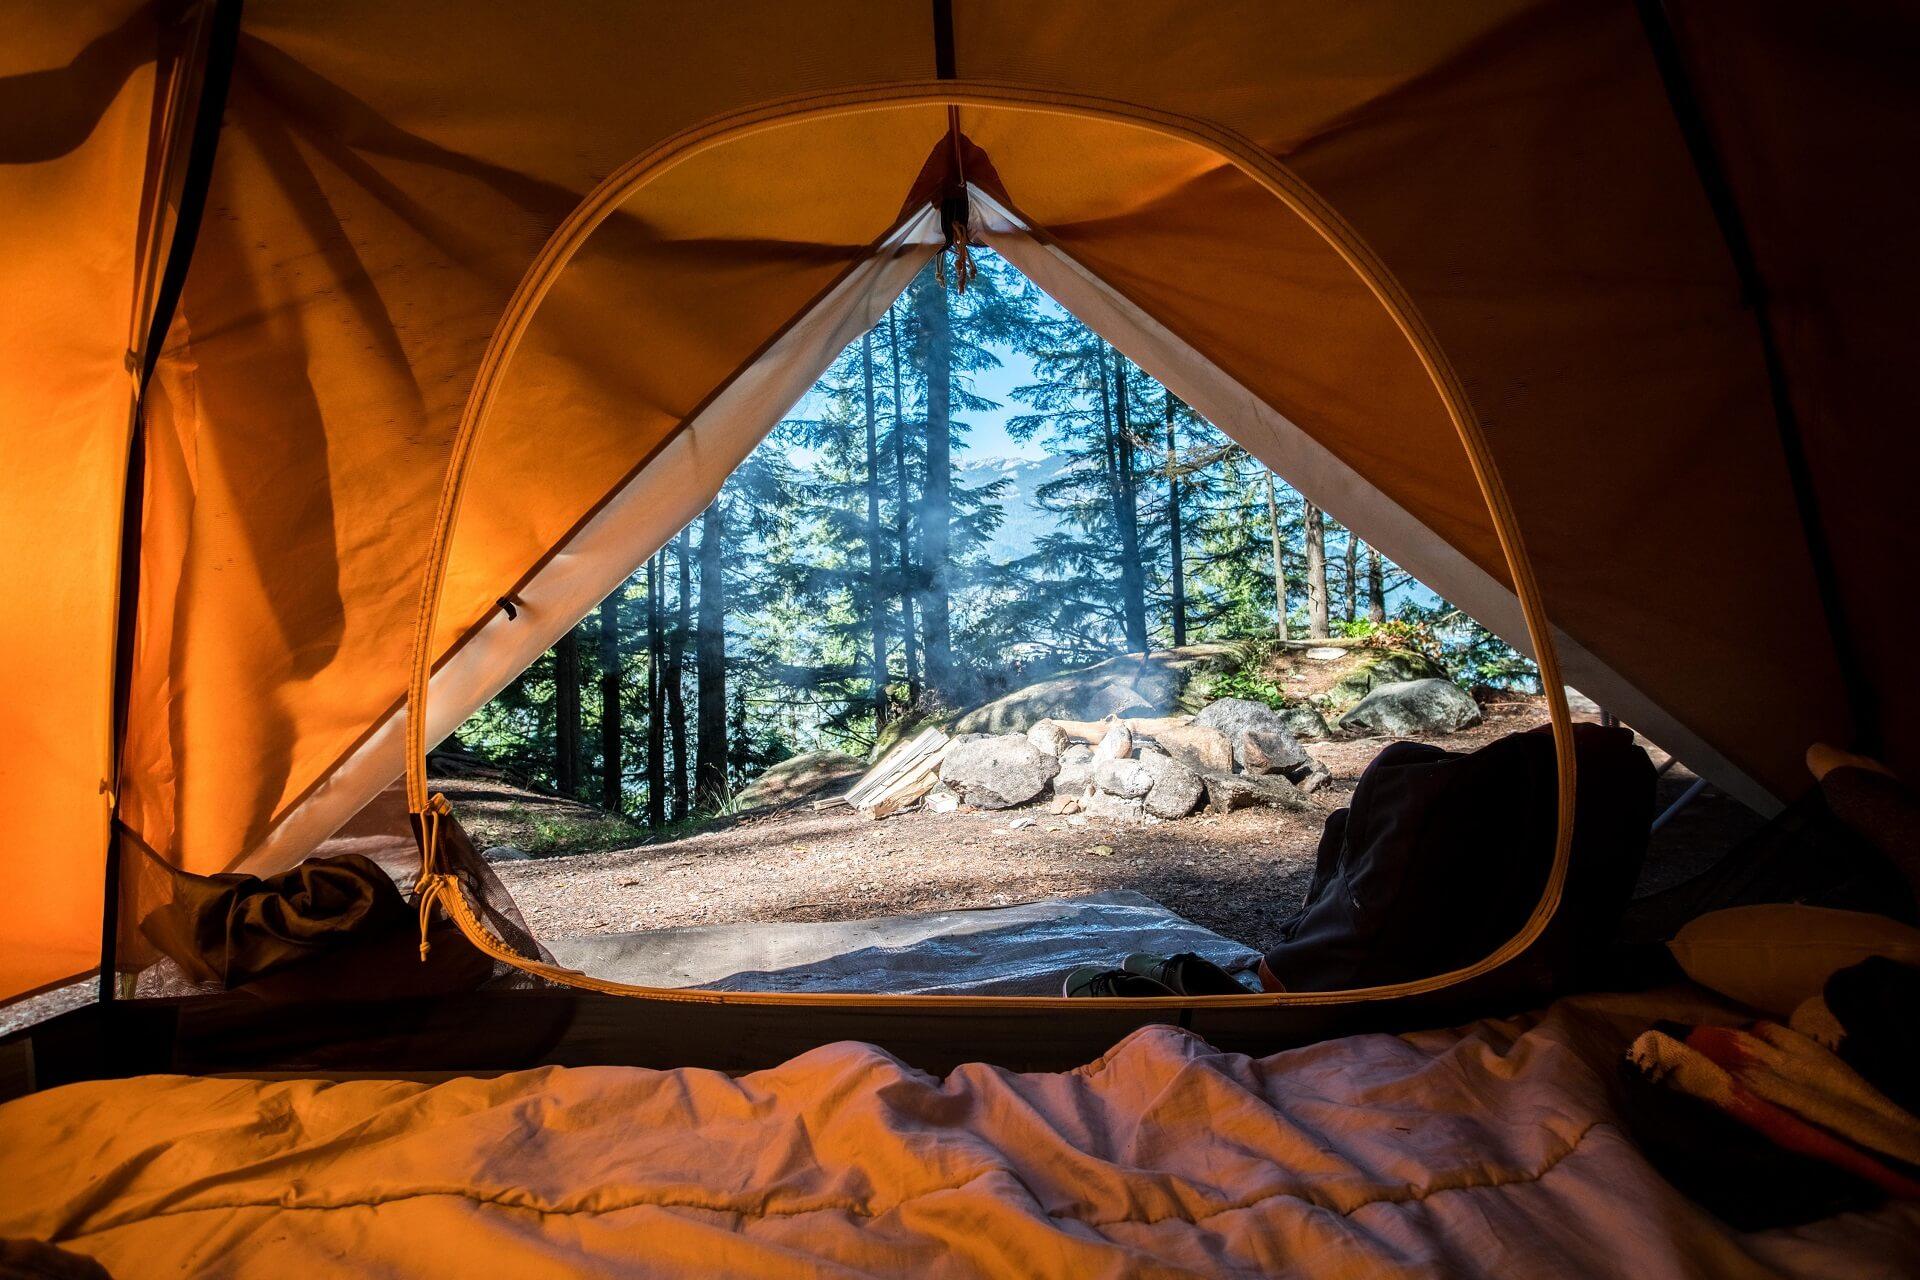 Orangenes Campingzelt in der Nähe von grünen Bäumen